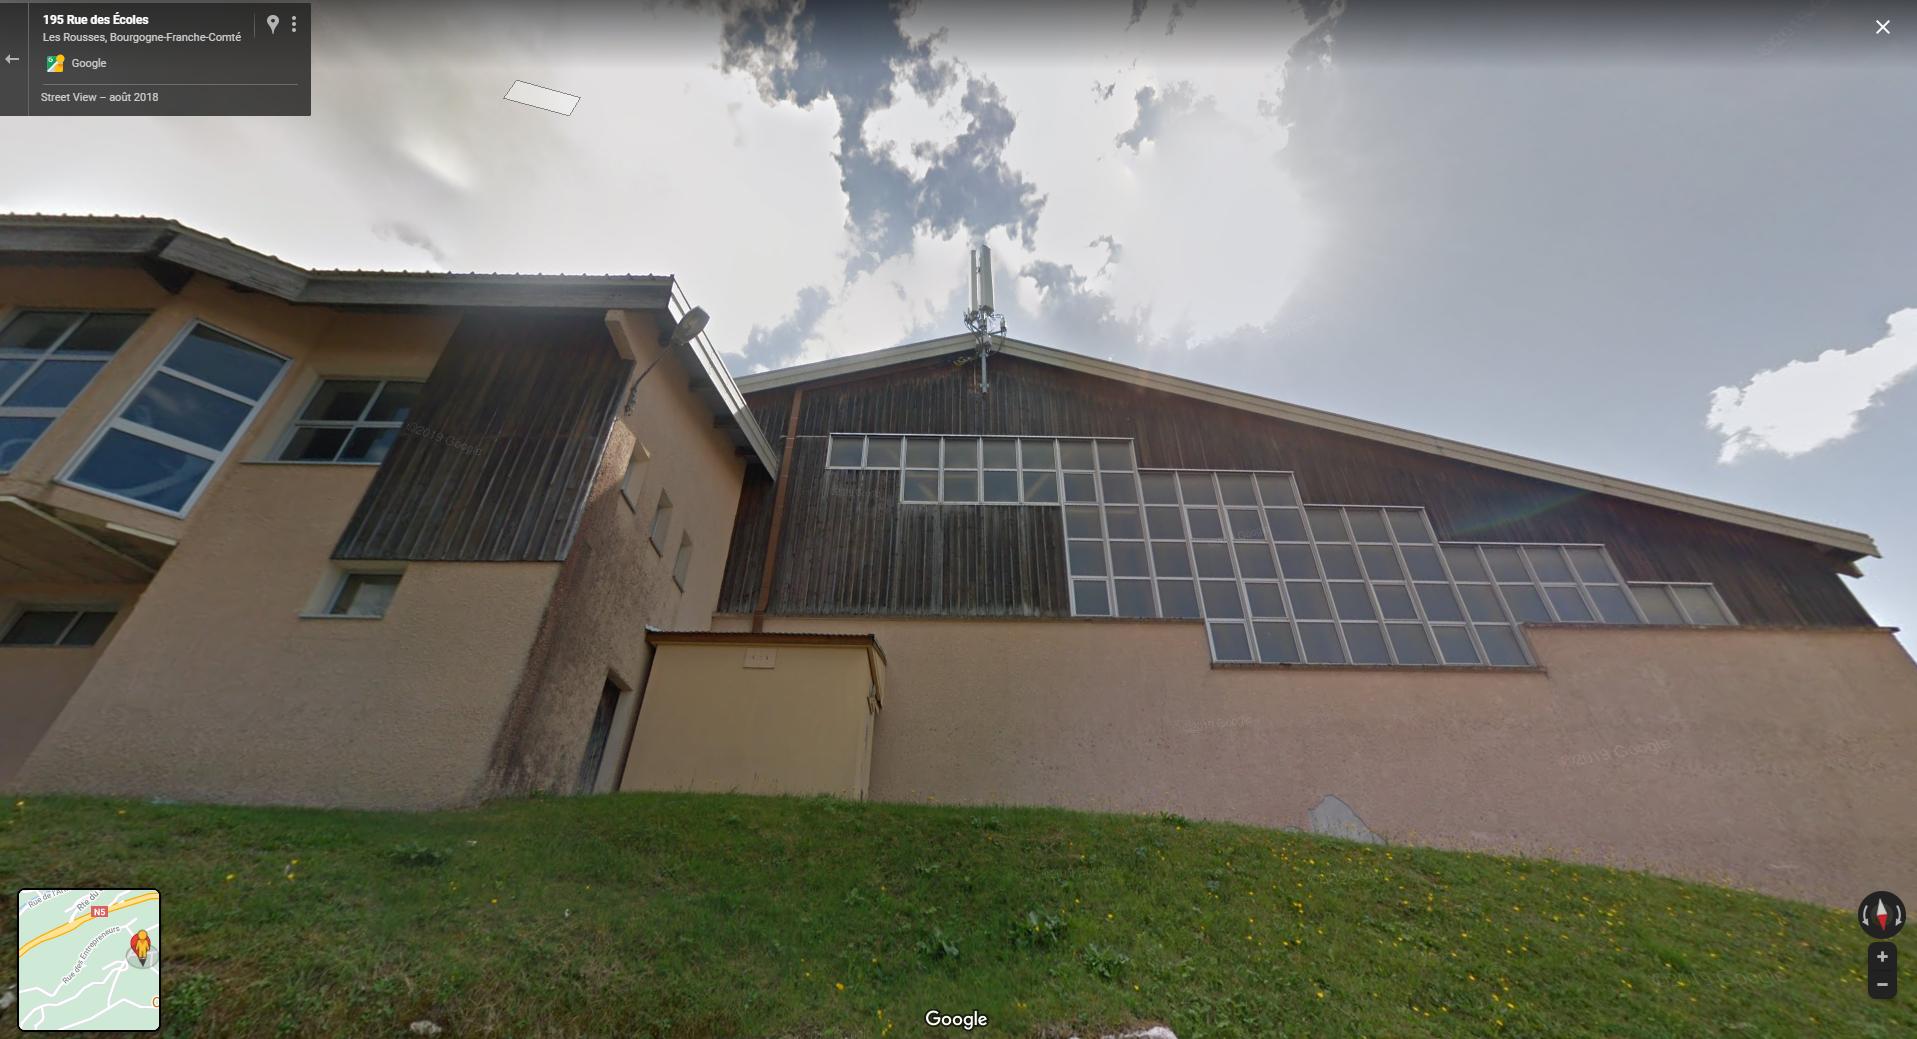 Capture d'écran de la vue 3D sur Google Maps de l'antenne 5G, située au 128, rue des Écoles, aux Rousses, dans le Jura.